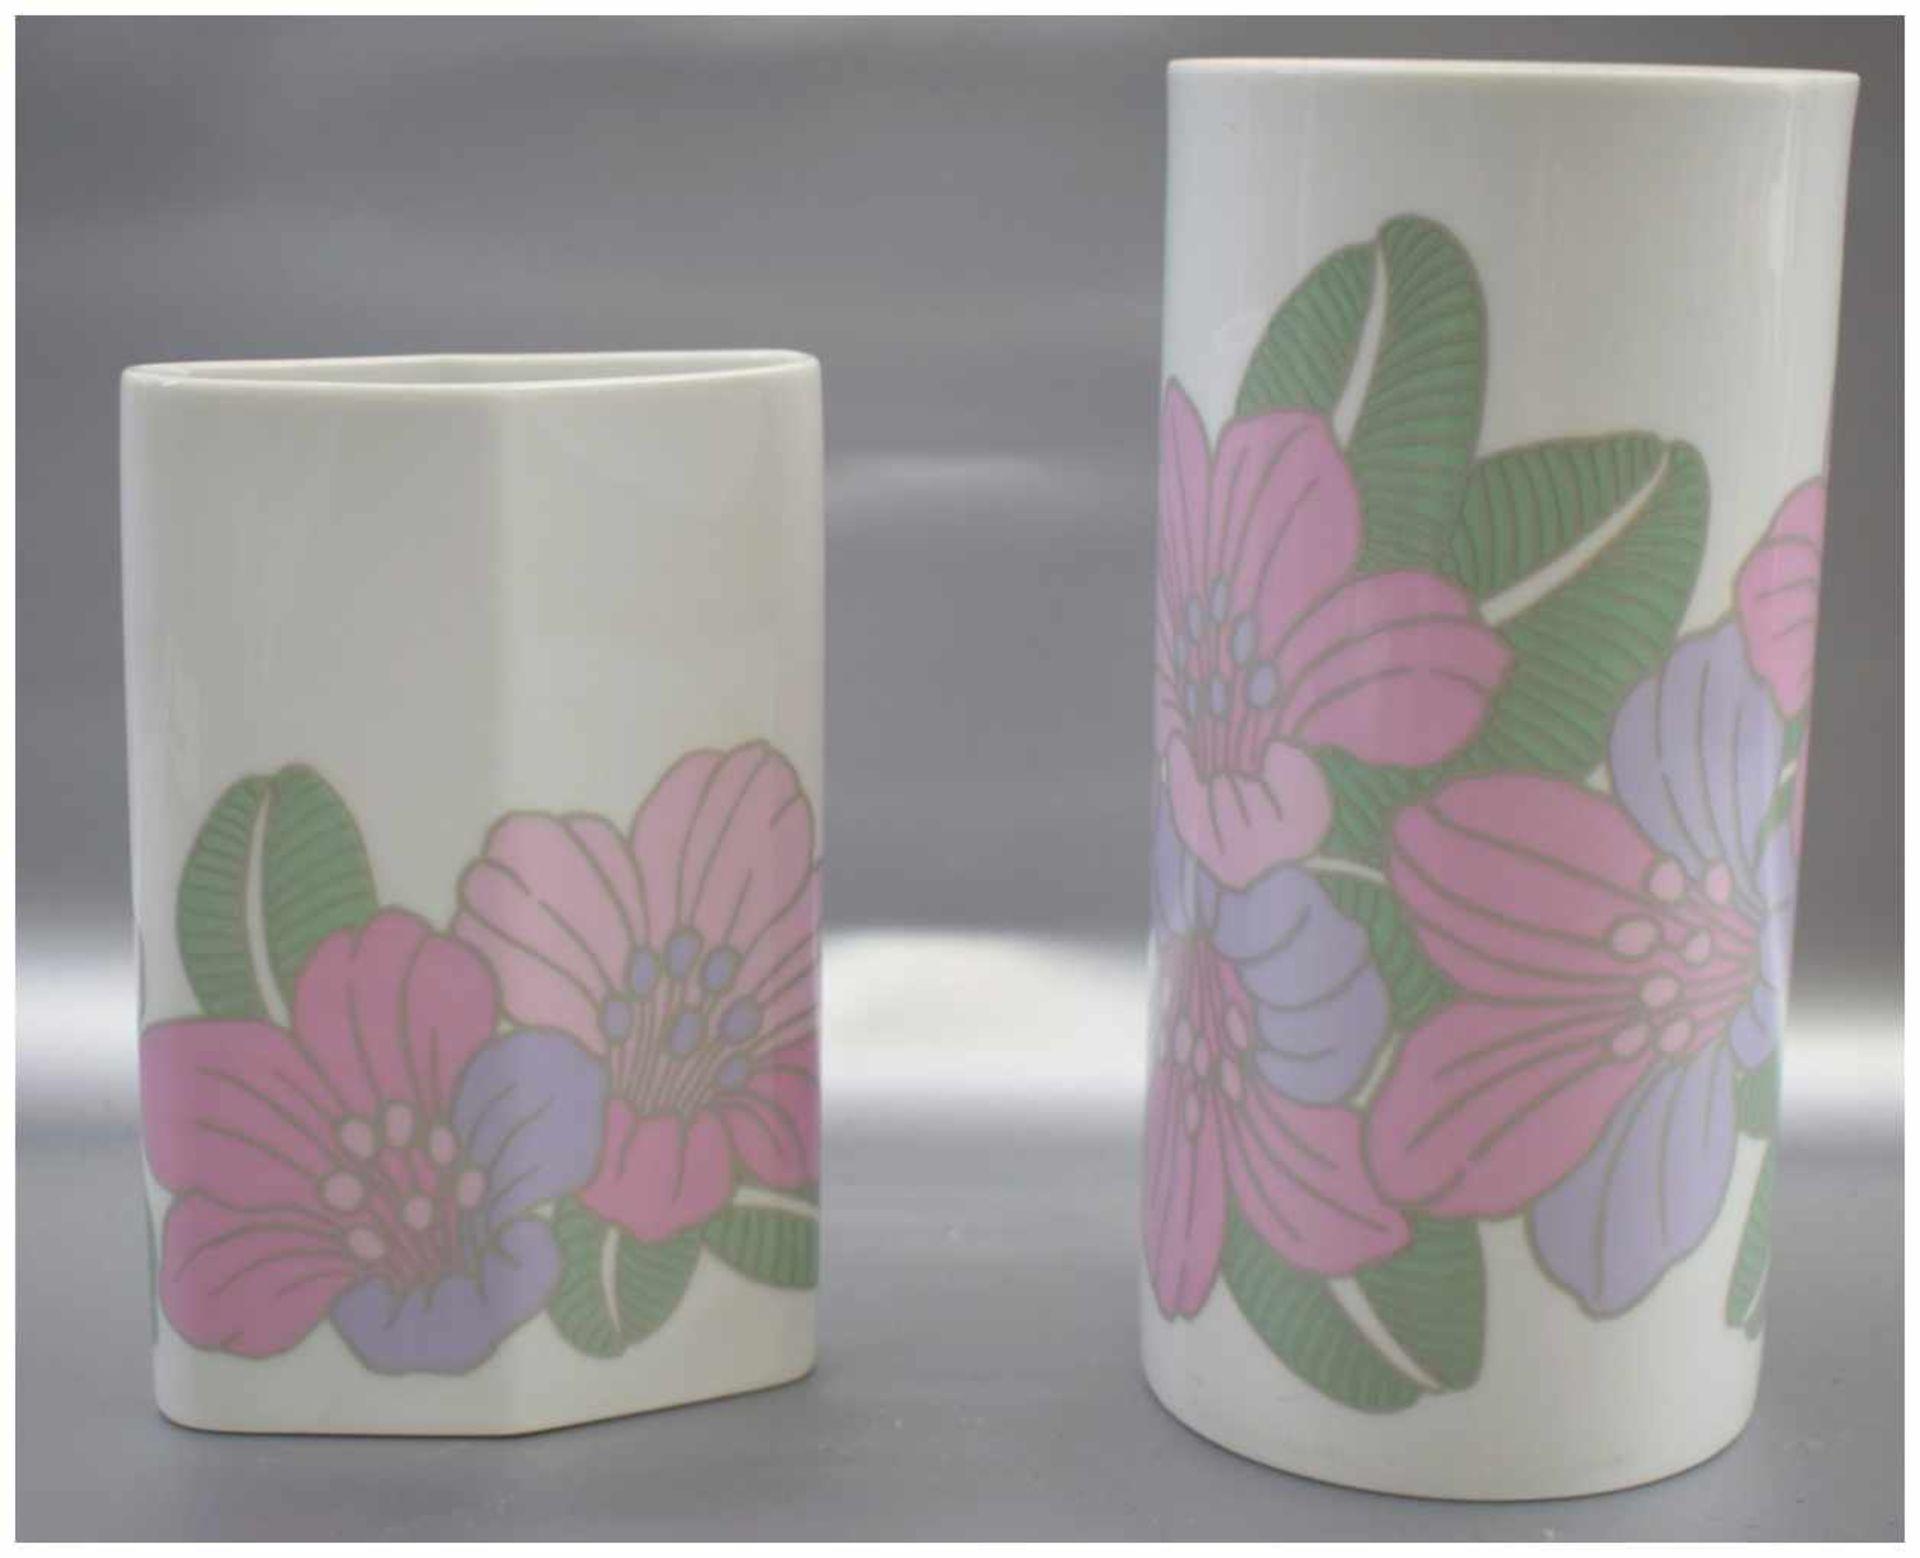 Zwei Vasen oval und zylindrisch, Wandung mit rosa Blüten, H 22 cm bzw. 17 cm, FM Rosenthal